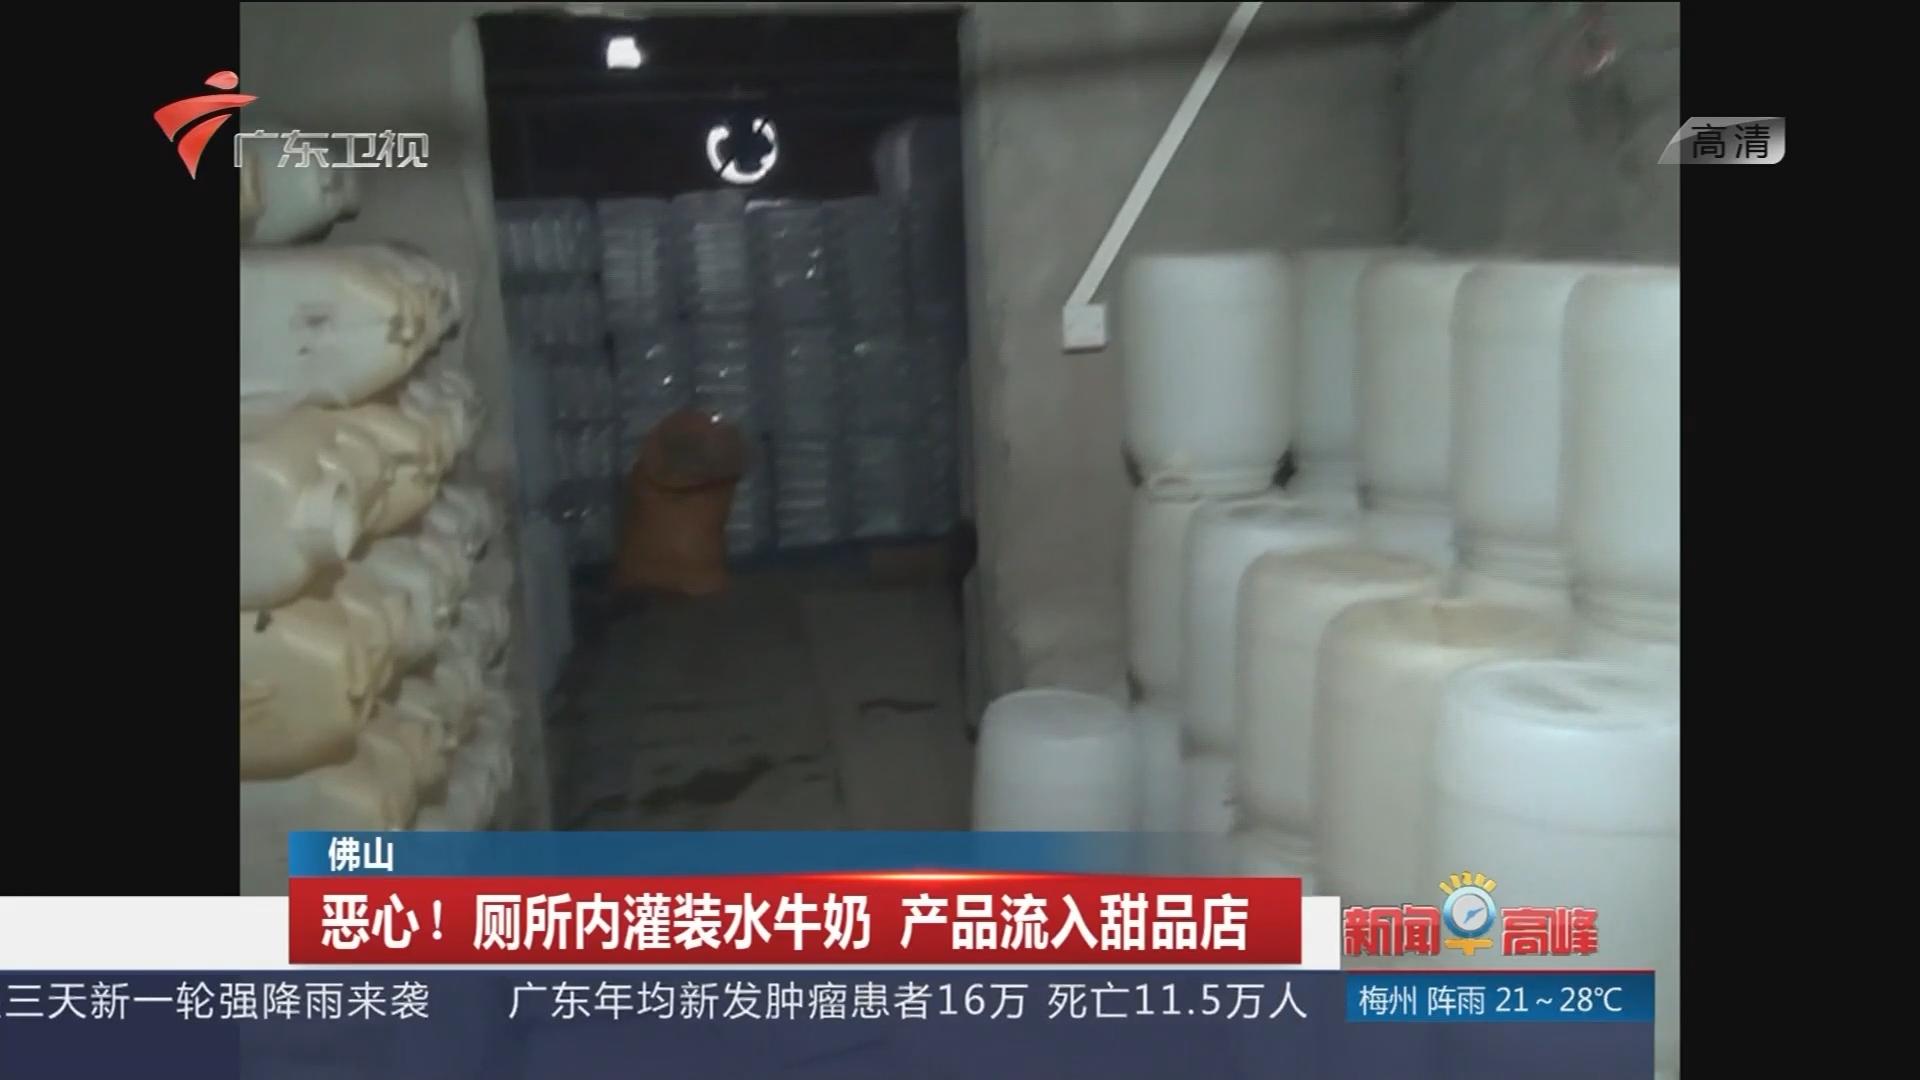 佛山:恶心!厕所内灌装水牛奶 产品流入甜品店